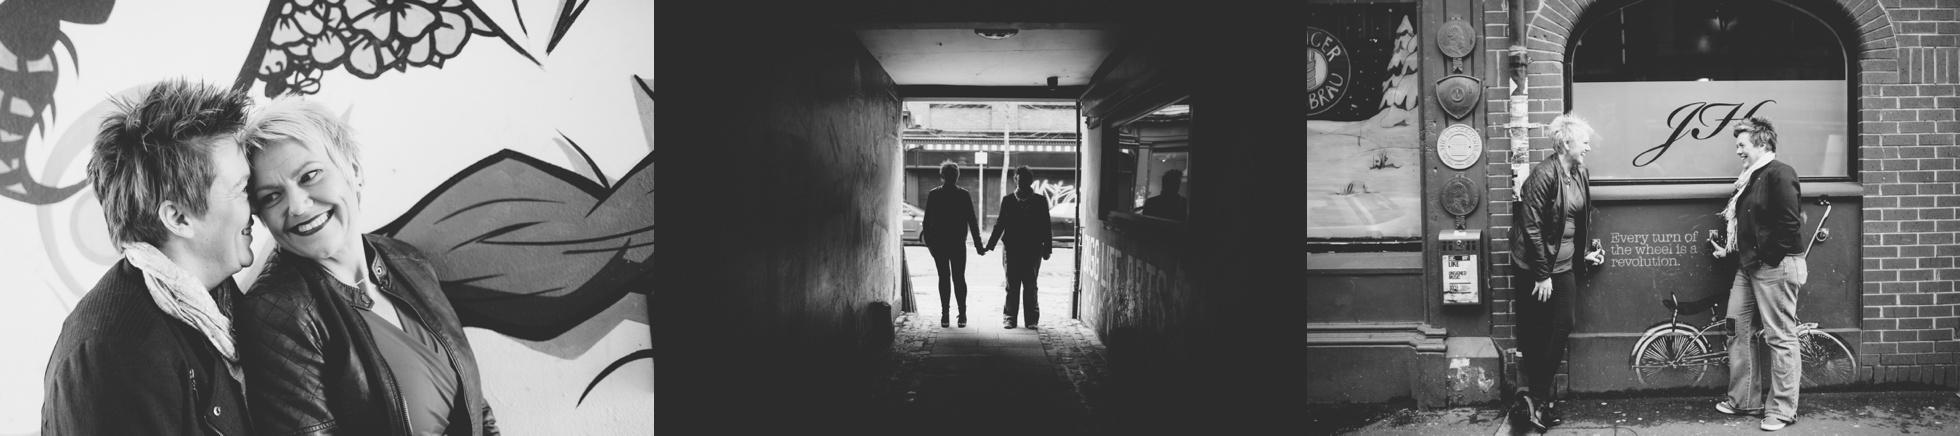 Engagement Photoshoot Northern Ireland